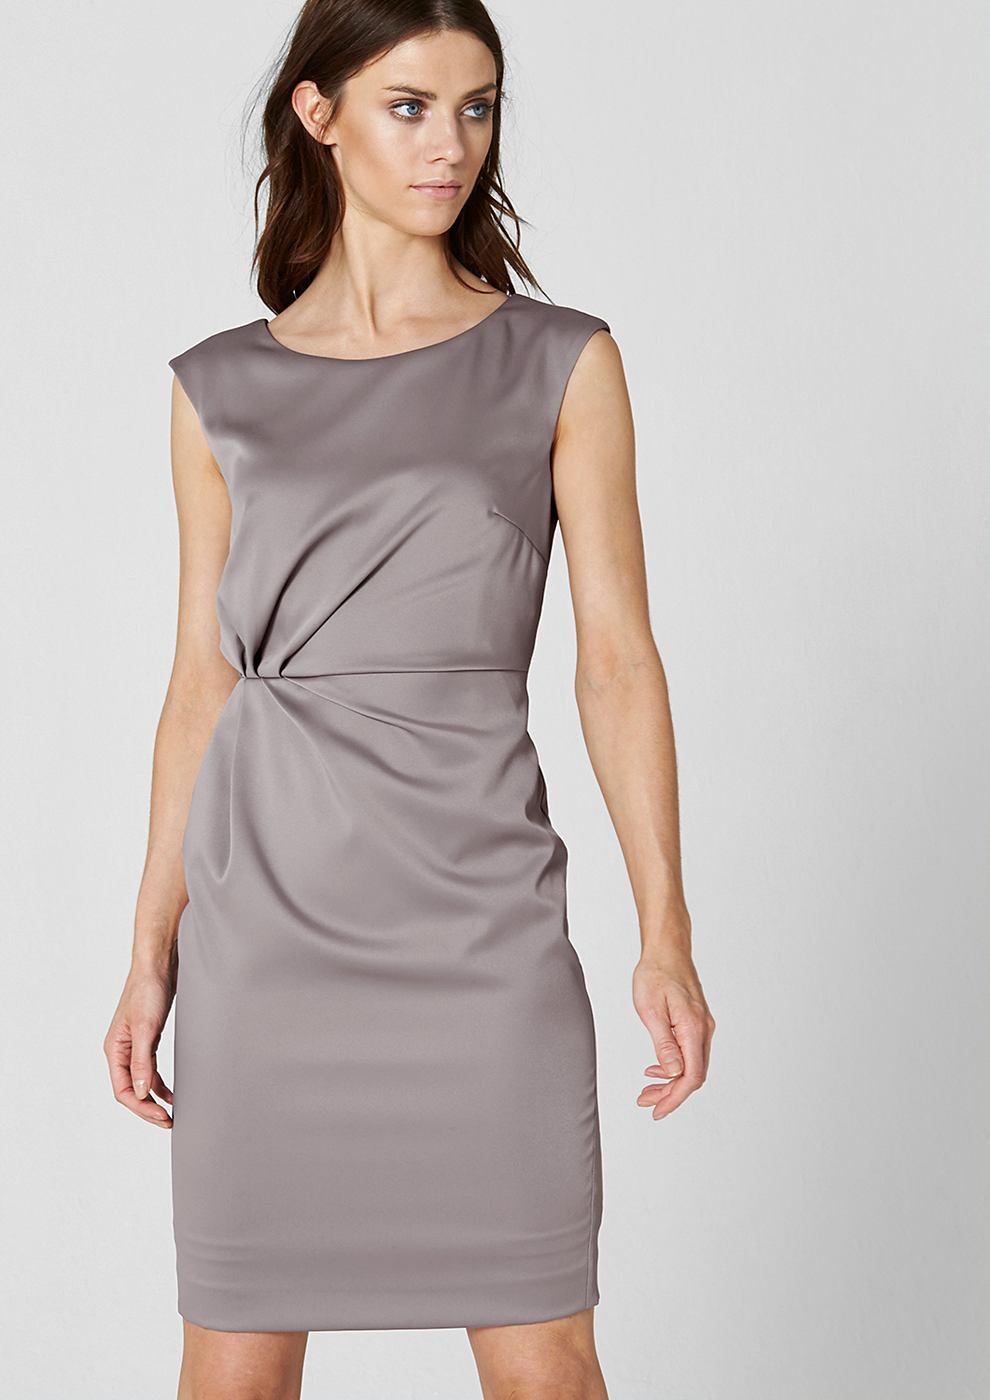 s.Oliver Premium satijnen jurk met drapering rond de taille rood